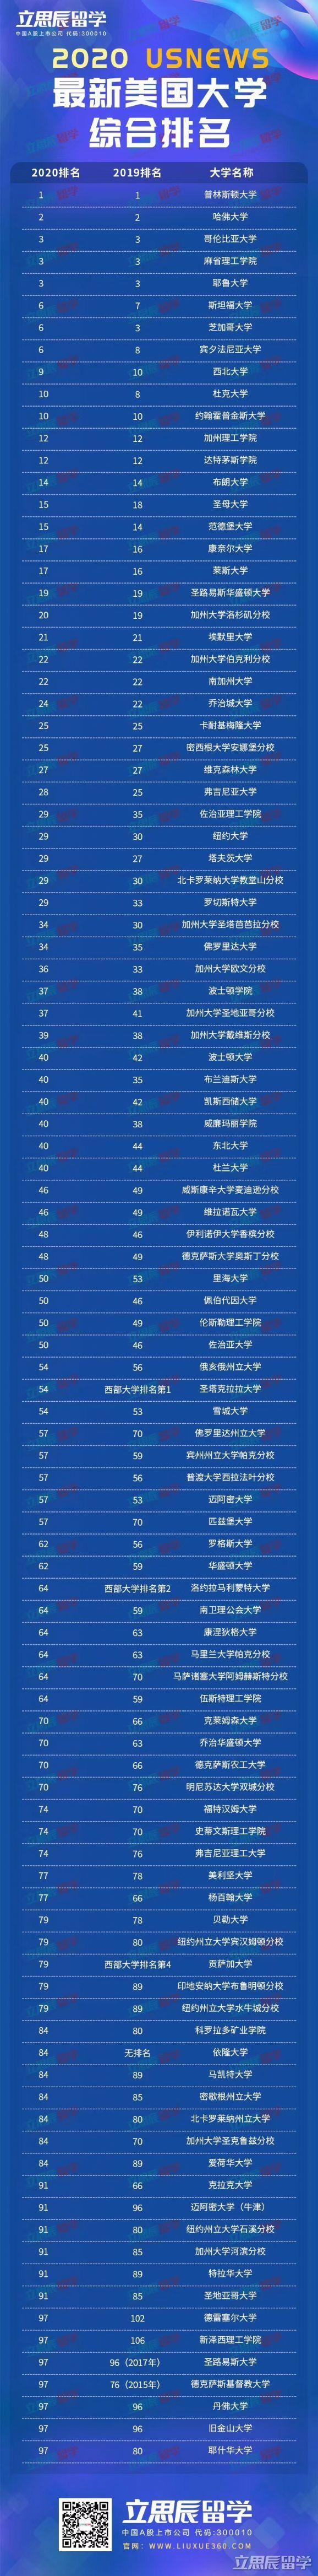 2020USNews美国大学排名公布!奉上TOP100大学榜单!